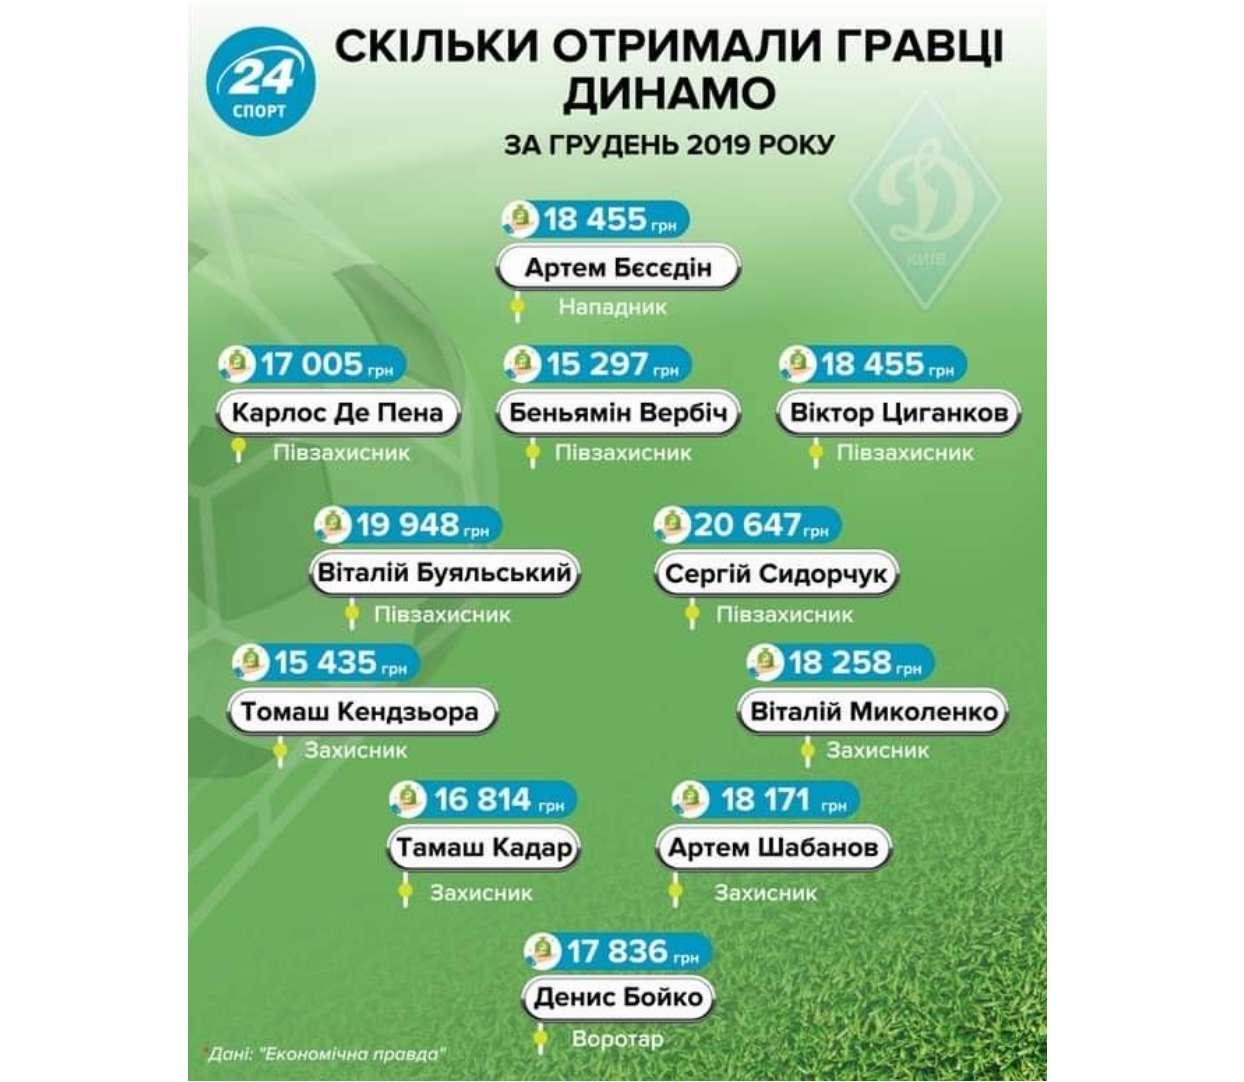 Уклонение от уплаты налогов со стороны Динамо лишило Беседина компенсации - фото 1